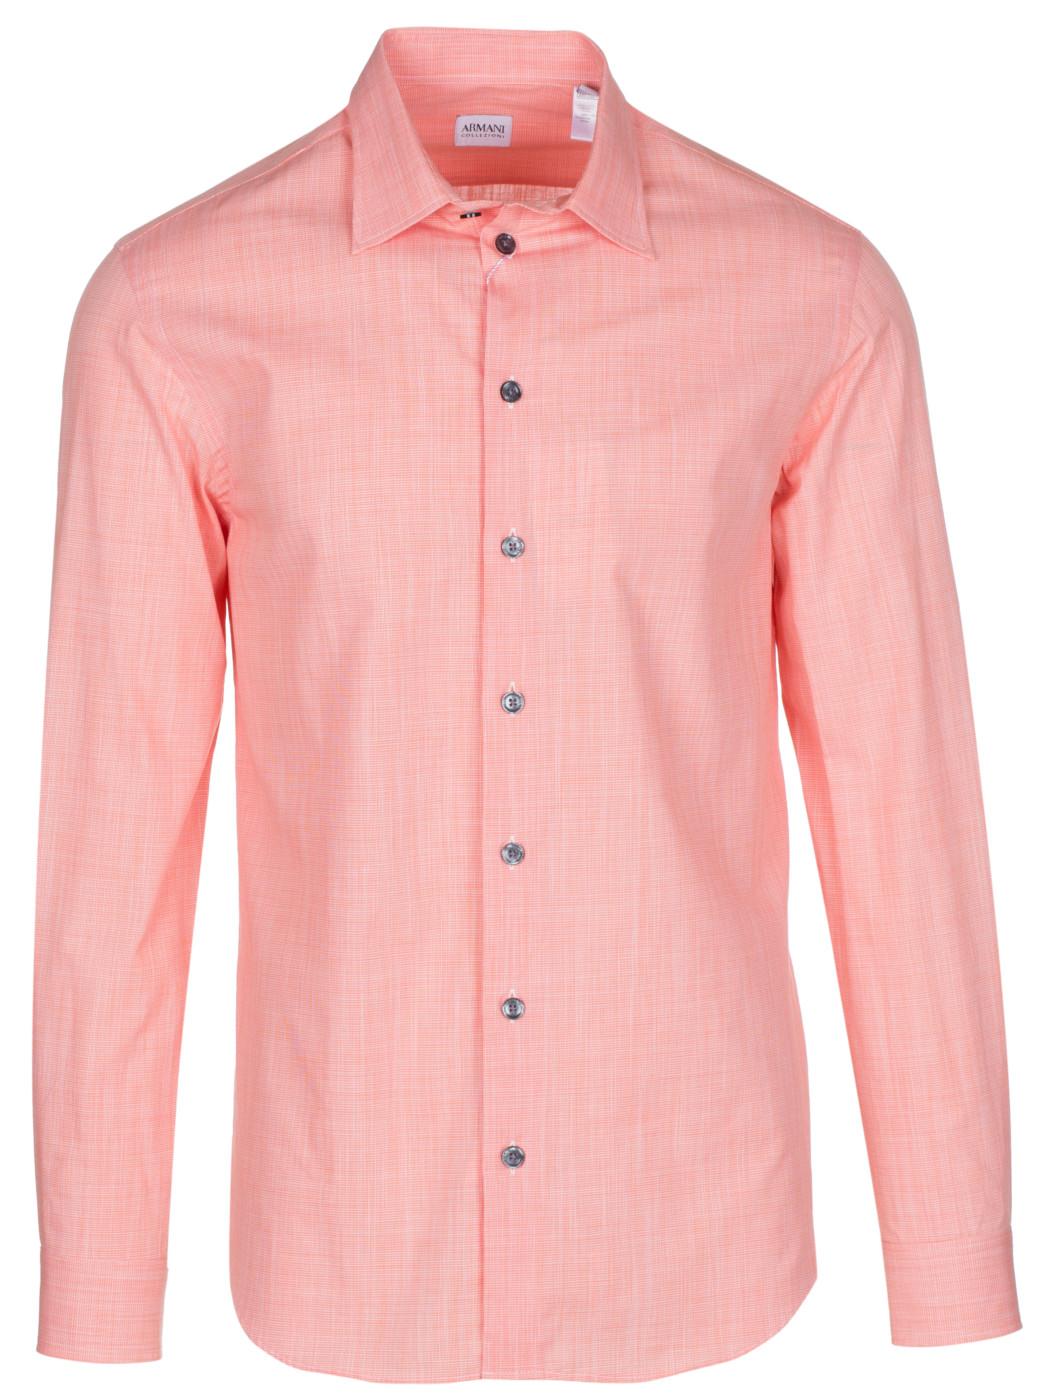 Armani Collezioni Mens Salmon Cotton Casual Shirt